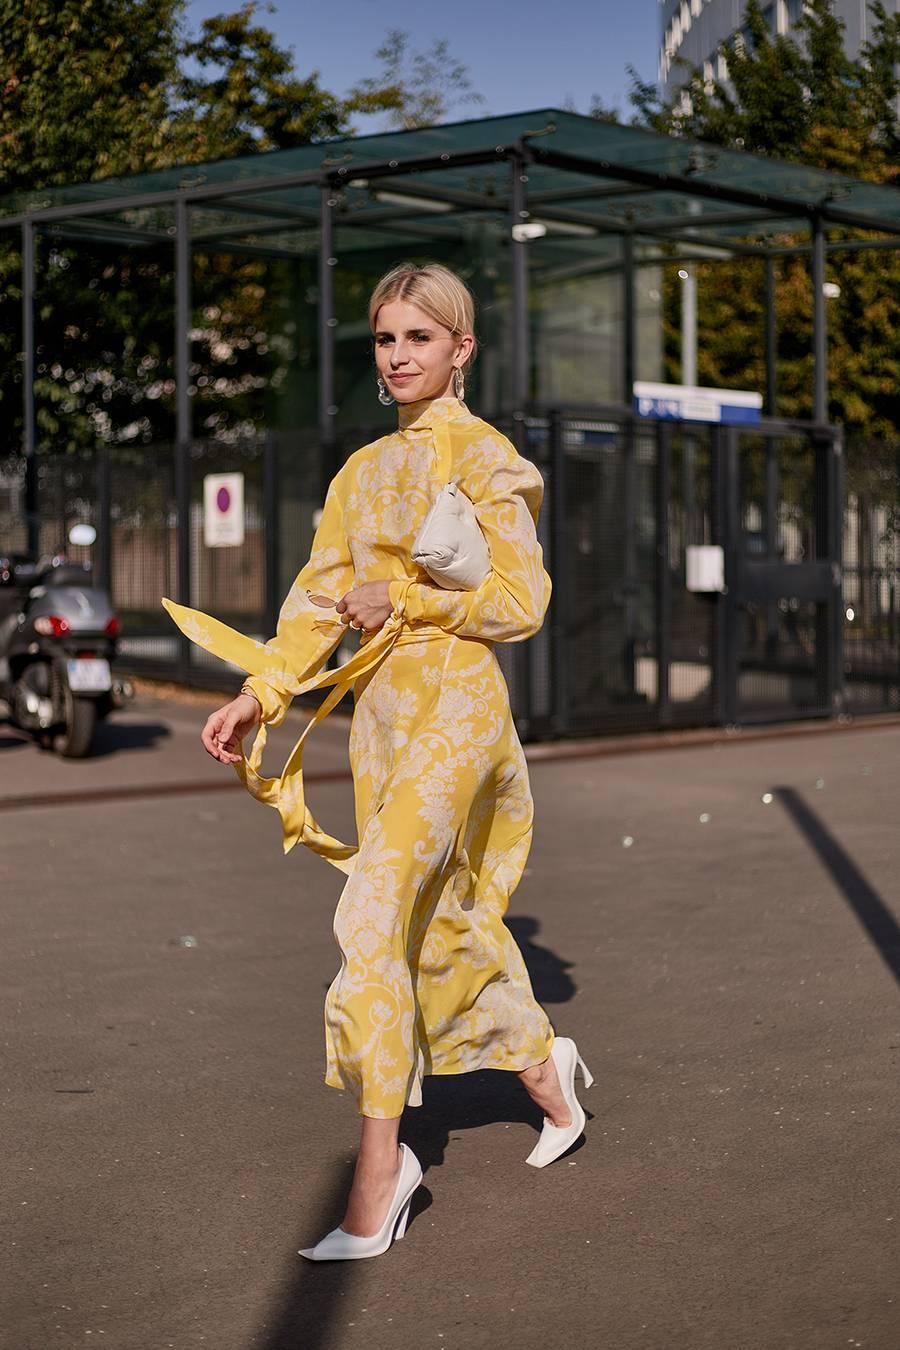 Fashionista mặc váy vàng đi giày mũi vuông màu trắng